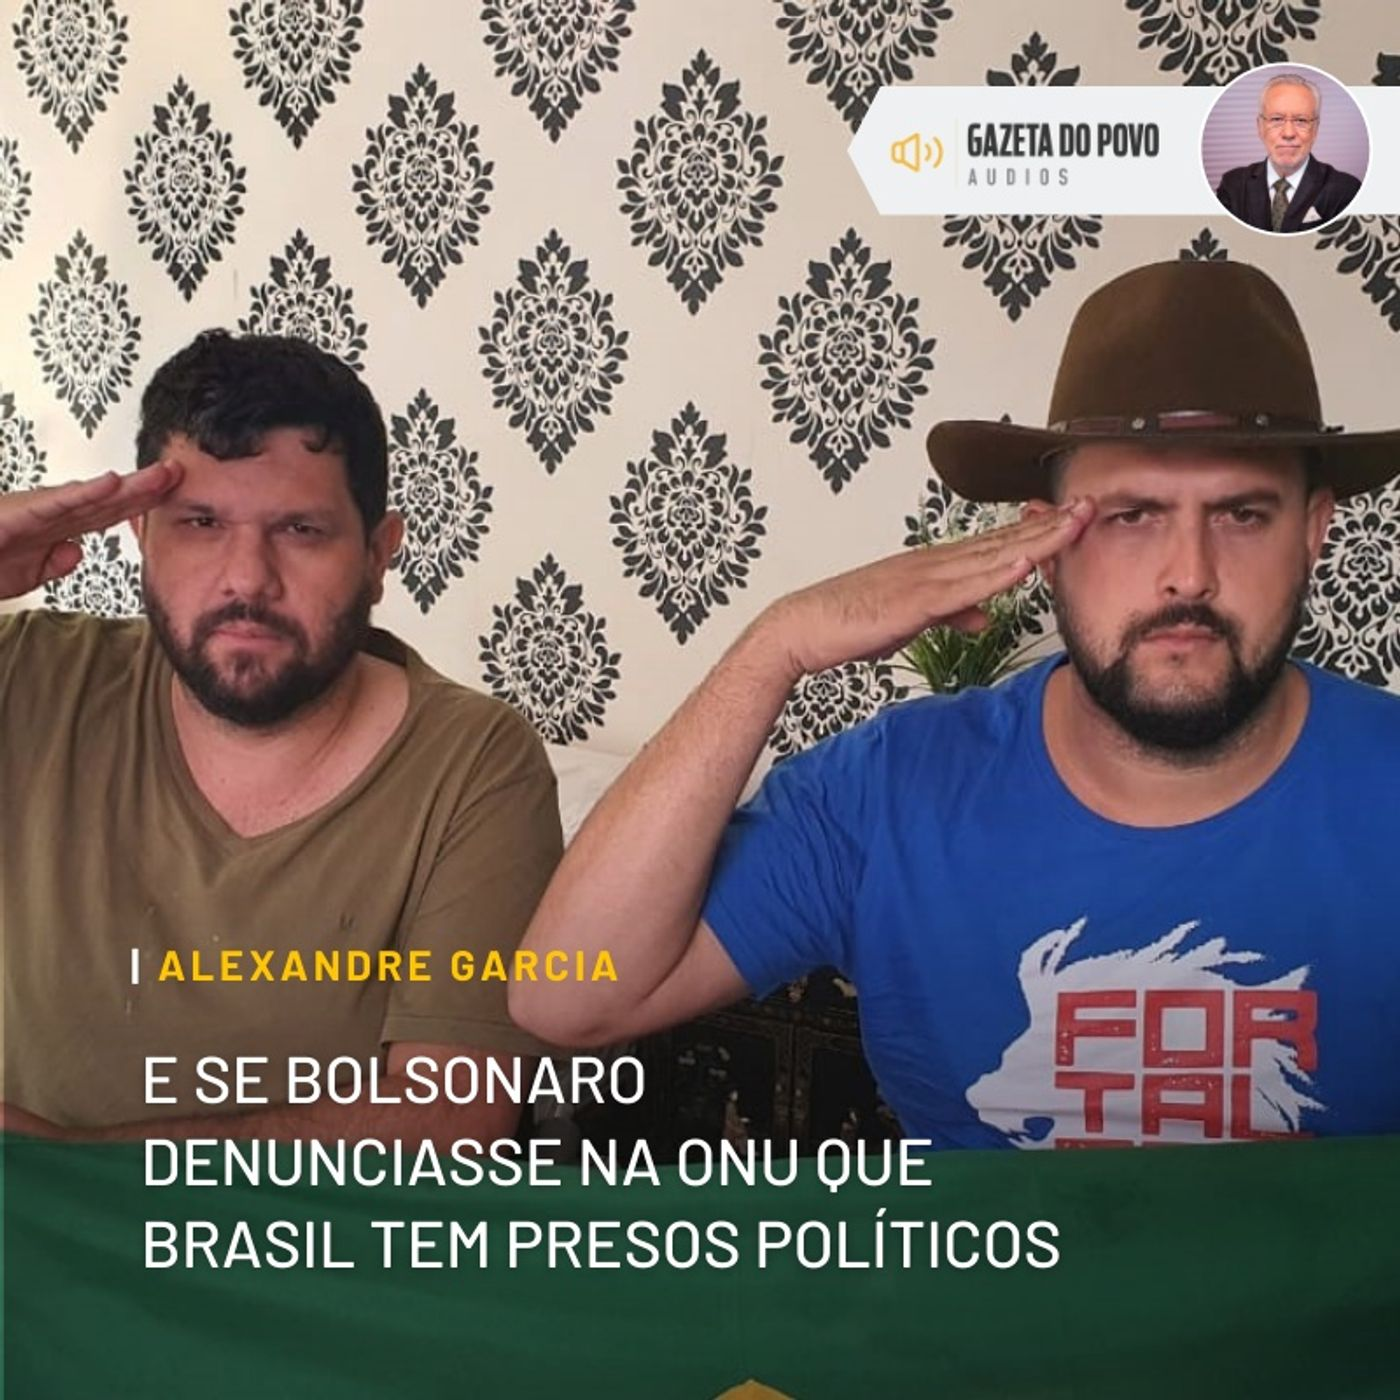 E se Bolsonaro denunciasse na ONU que Brasil tem presos políticos